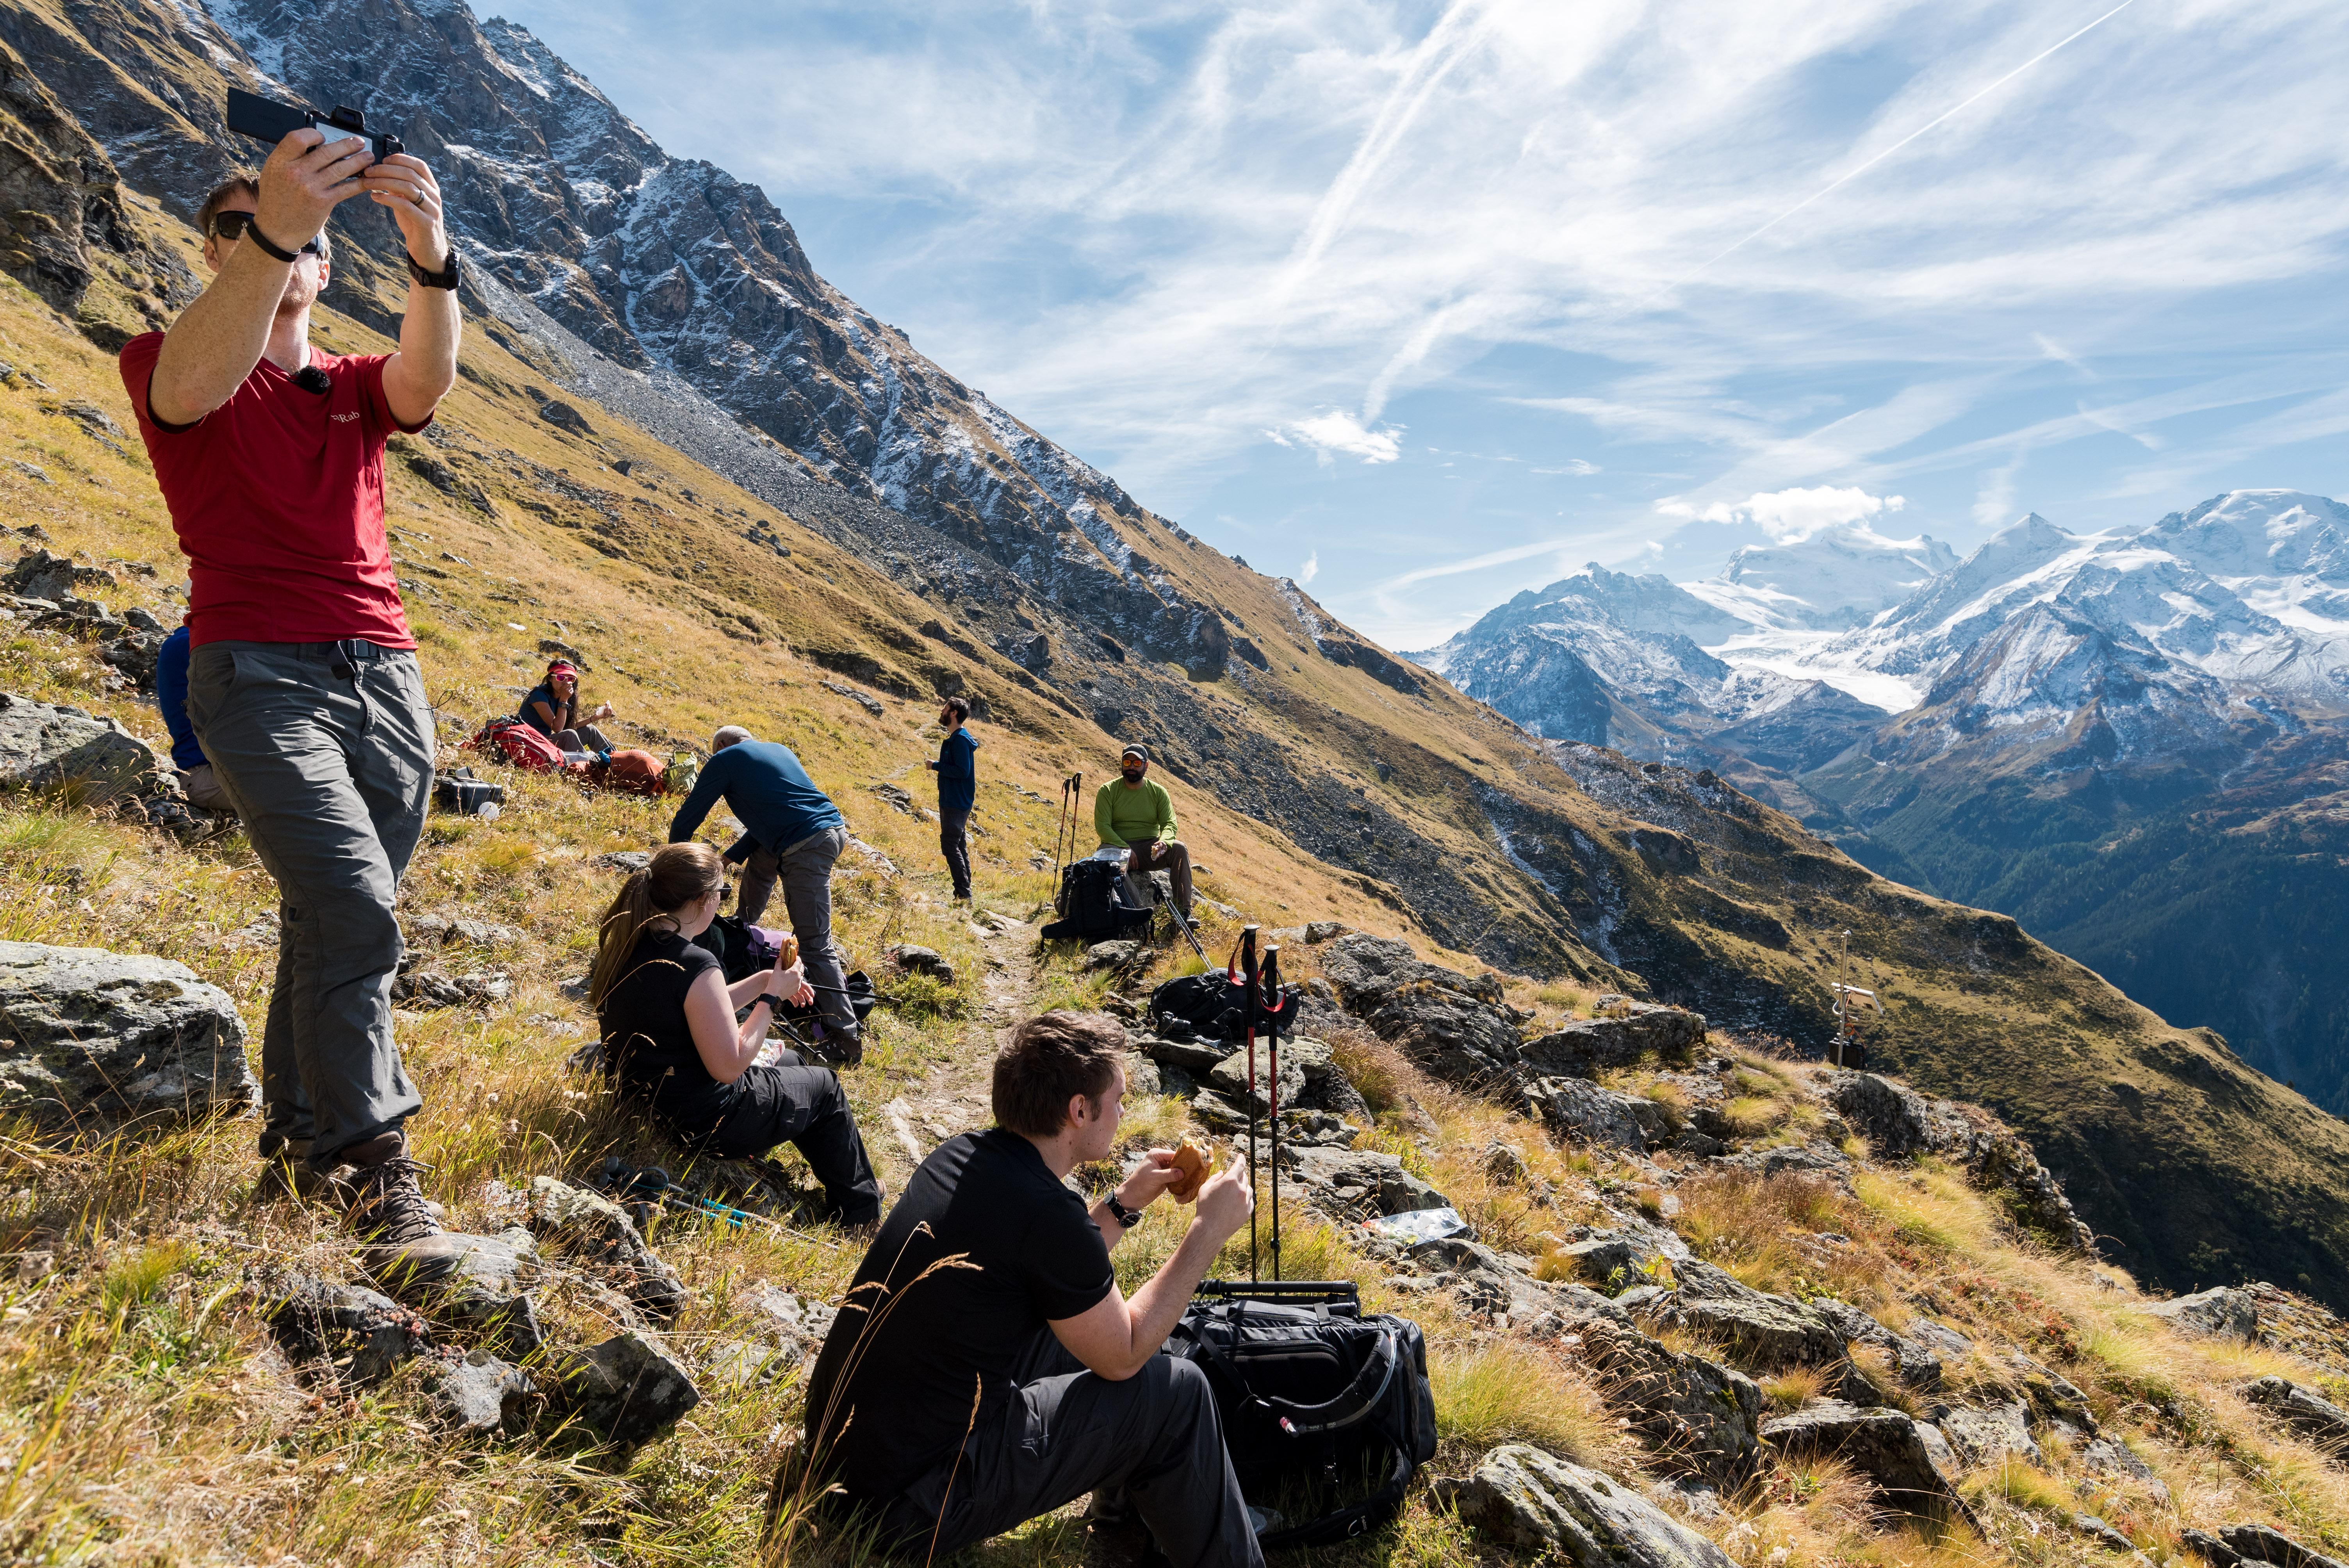 chamonix, trail running, hiking tour